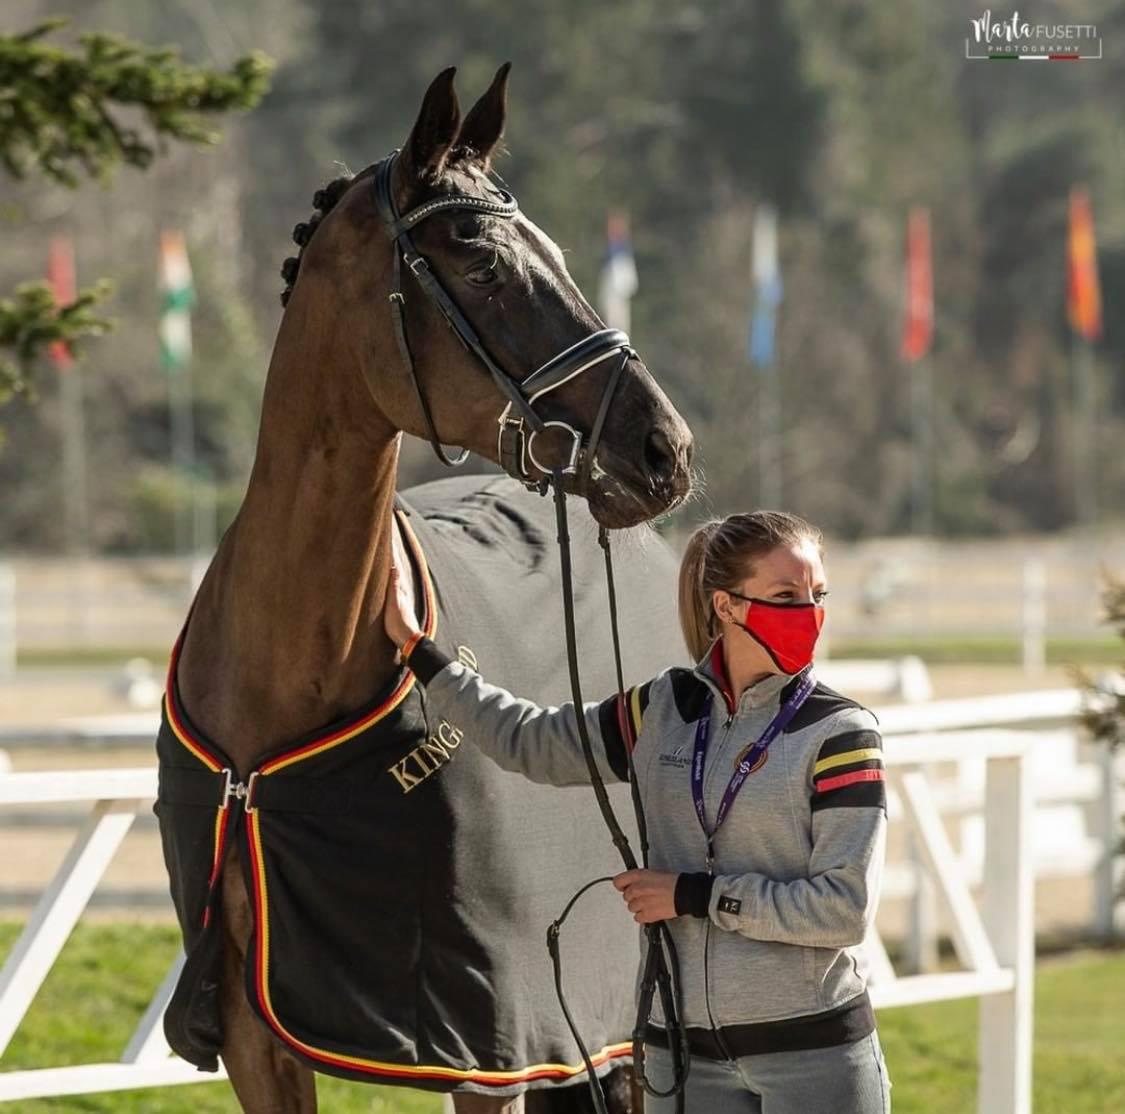 Manon Claeys remporte le bronze aux Jeux paralympiques